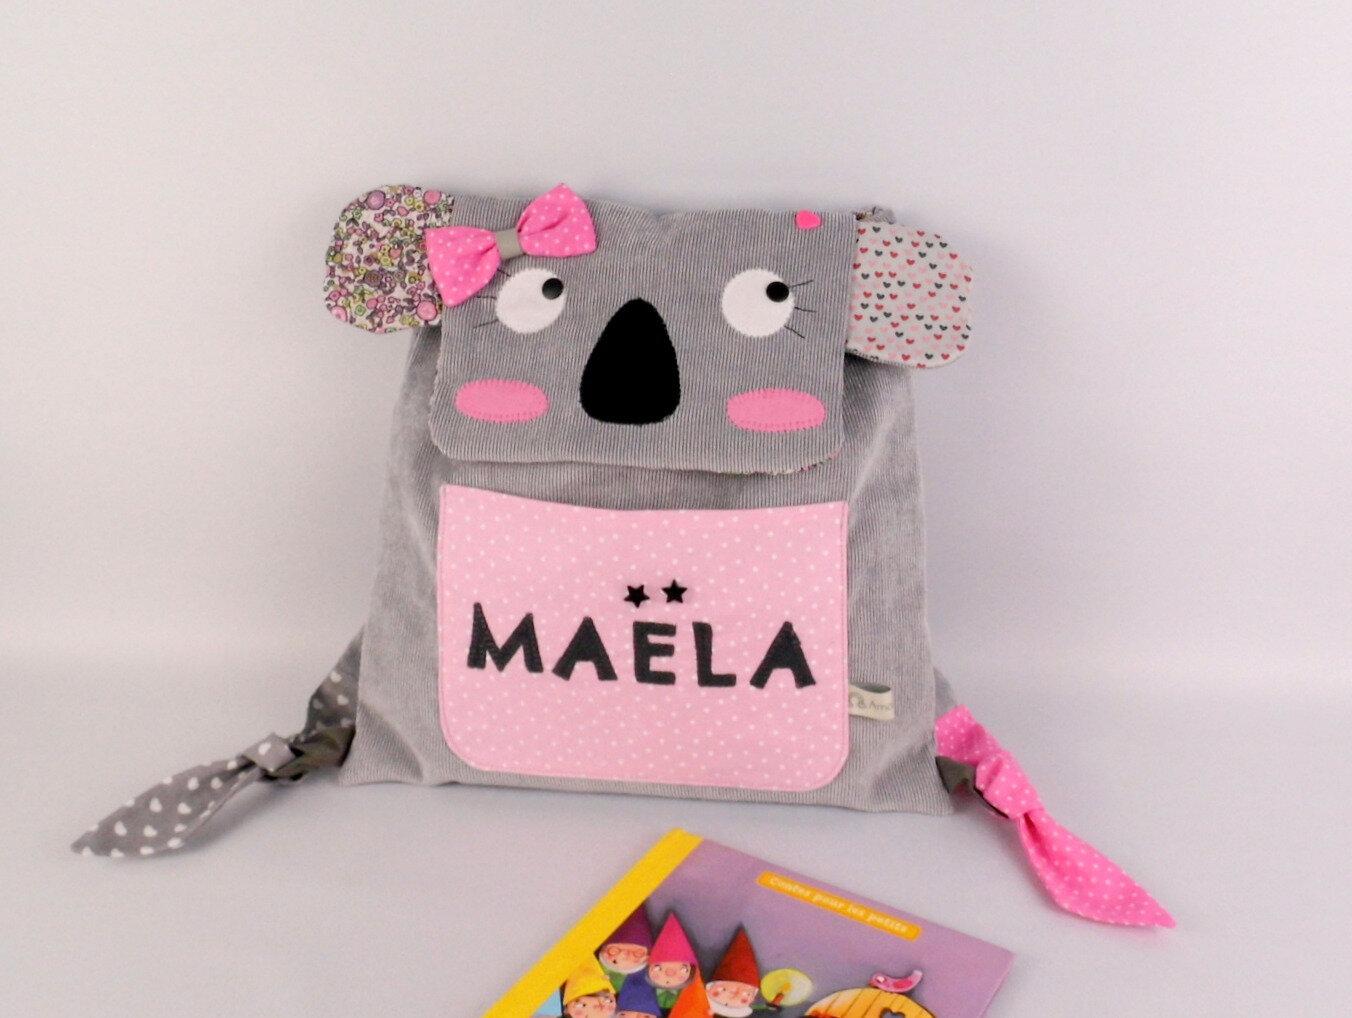 Sac à dos enfant personnalisé Maëla koala sac fille gris rose liberty première rentrée école maternelle crèche sac à dos bébé personnalisable cadeau anniversaire jeune enfant